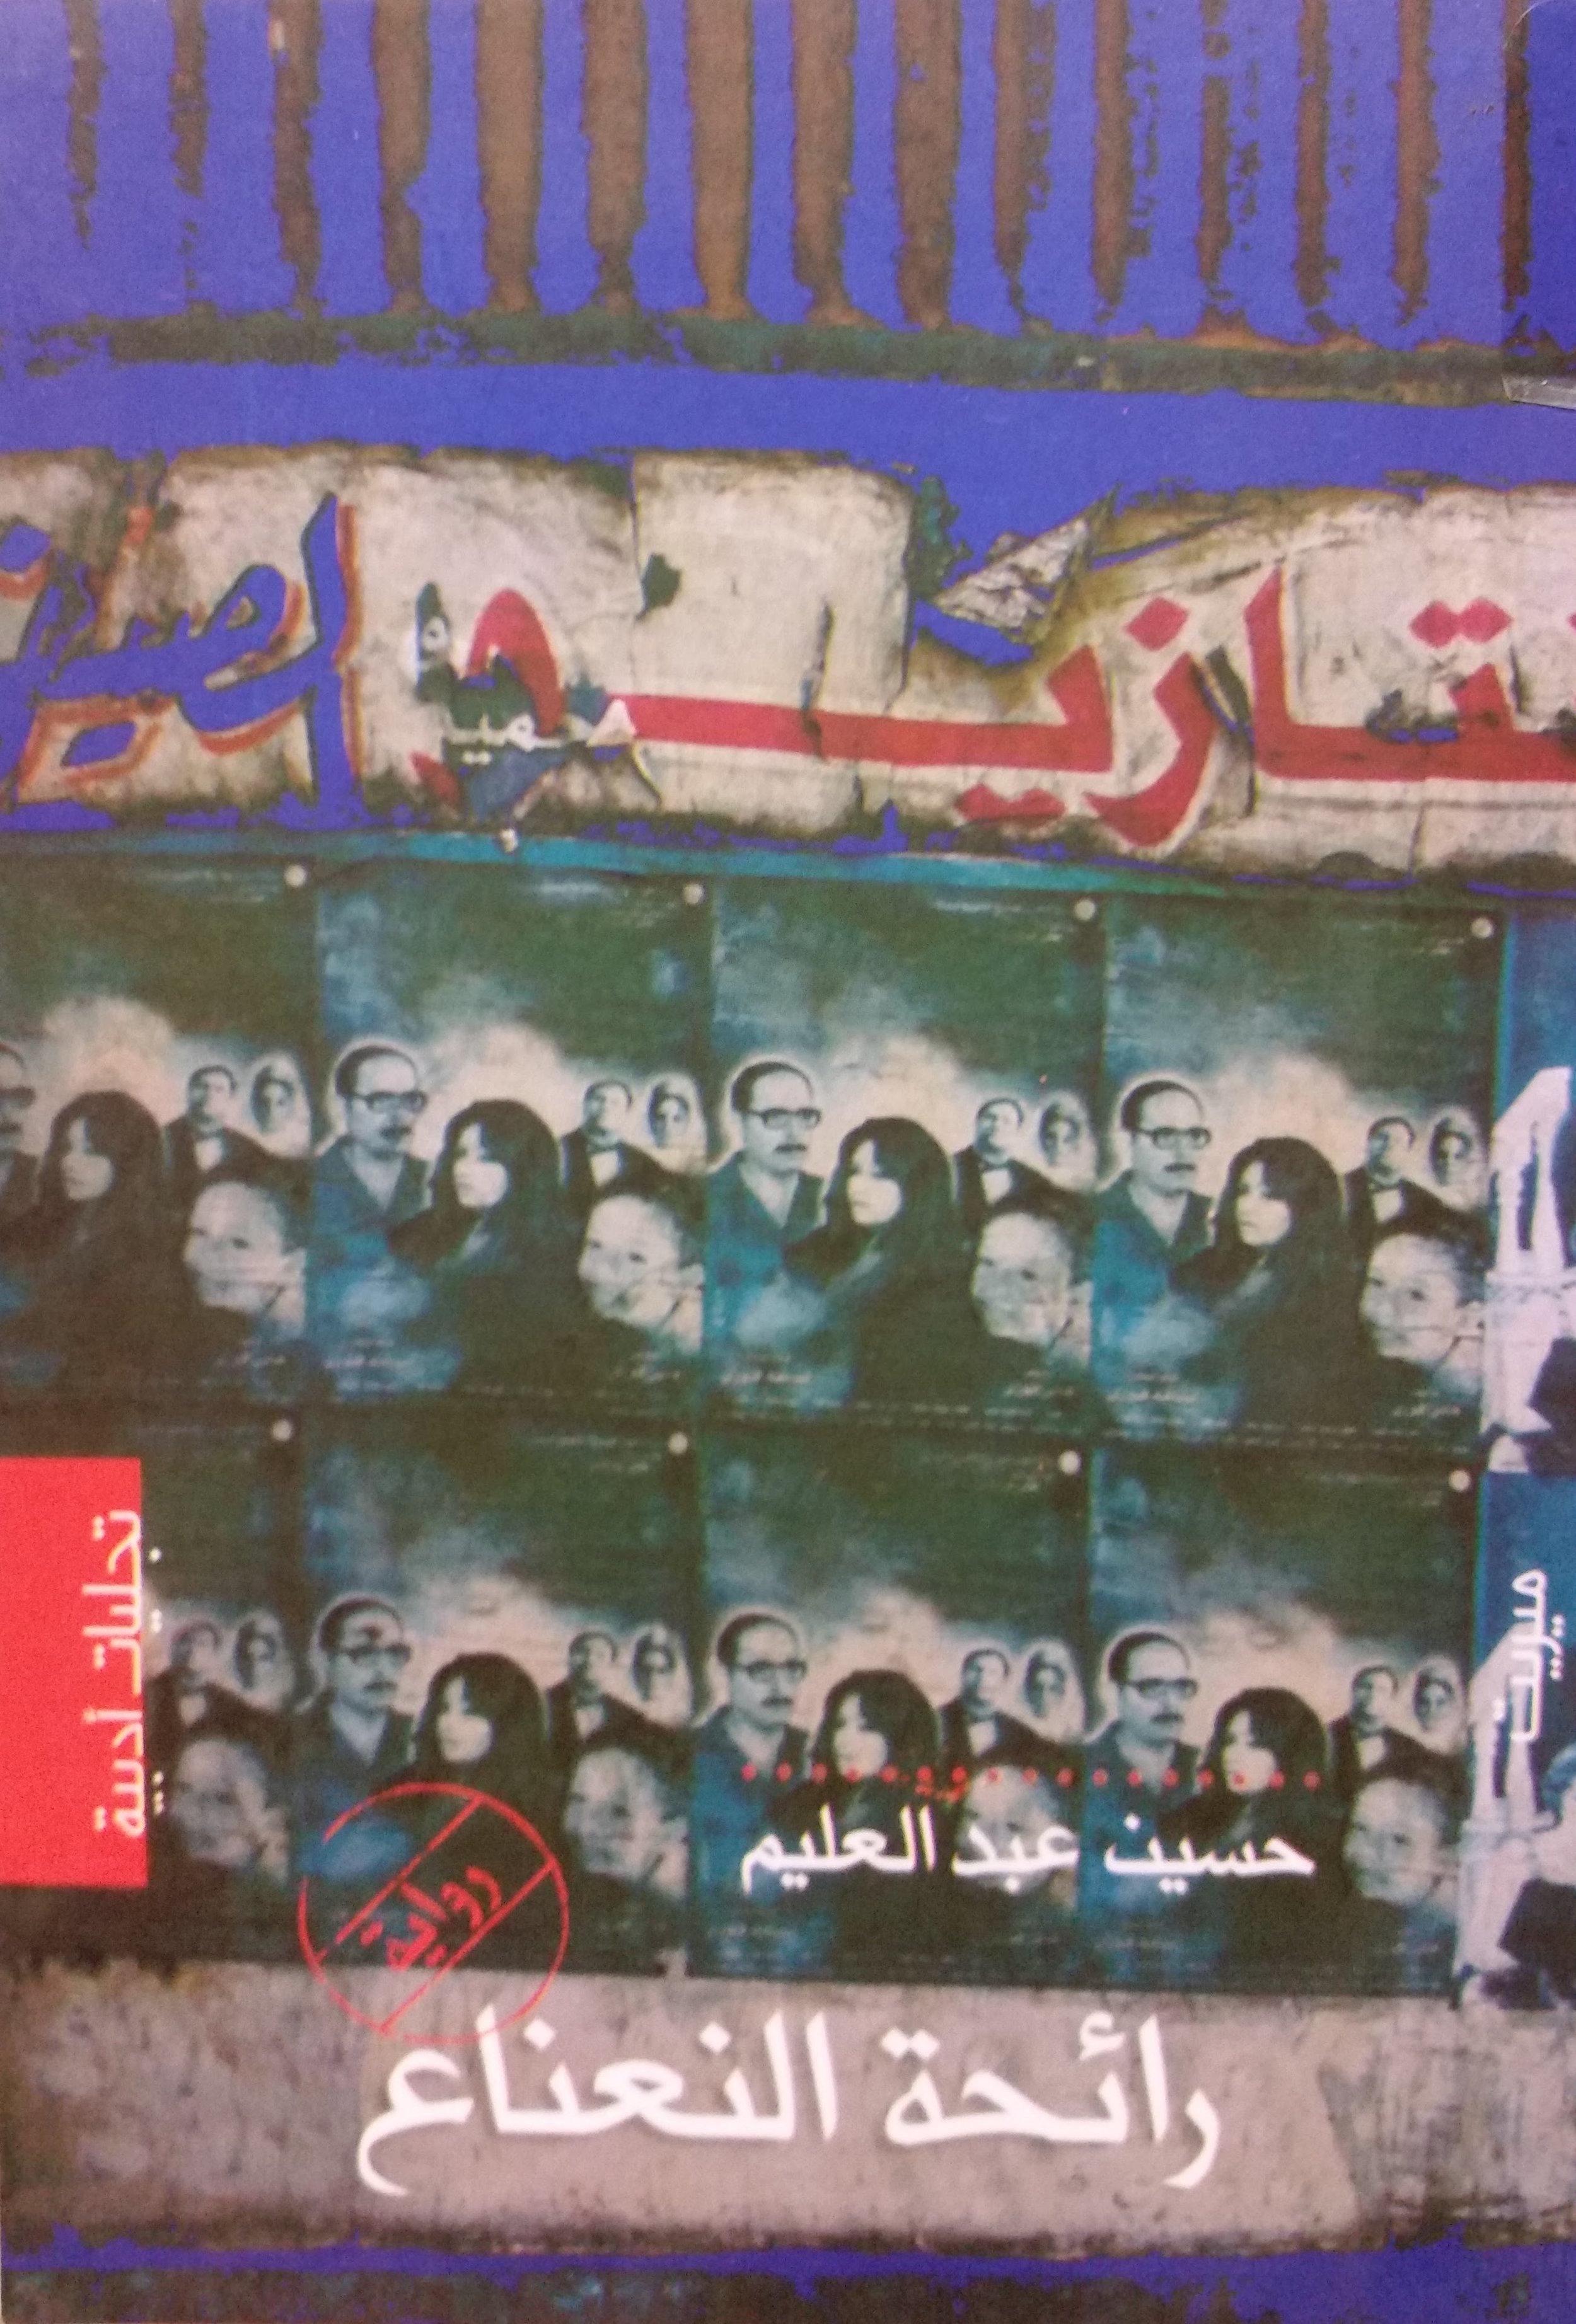 Ḥusayn ʿAbd al-ʿAlīm (al-Qāhirah : Dār Mīrīt, 2007